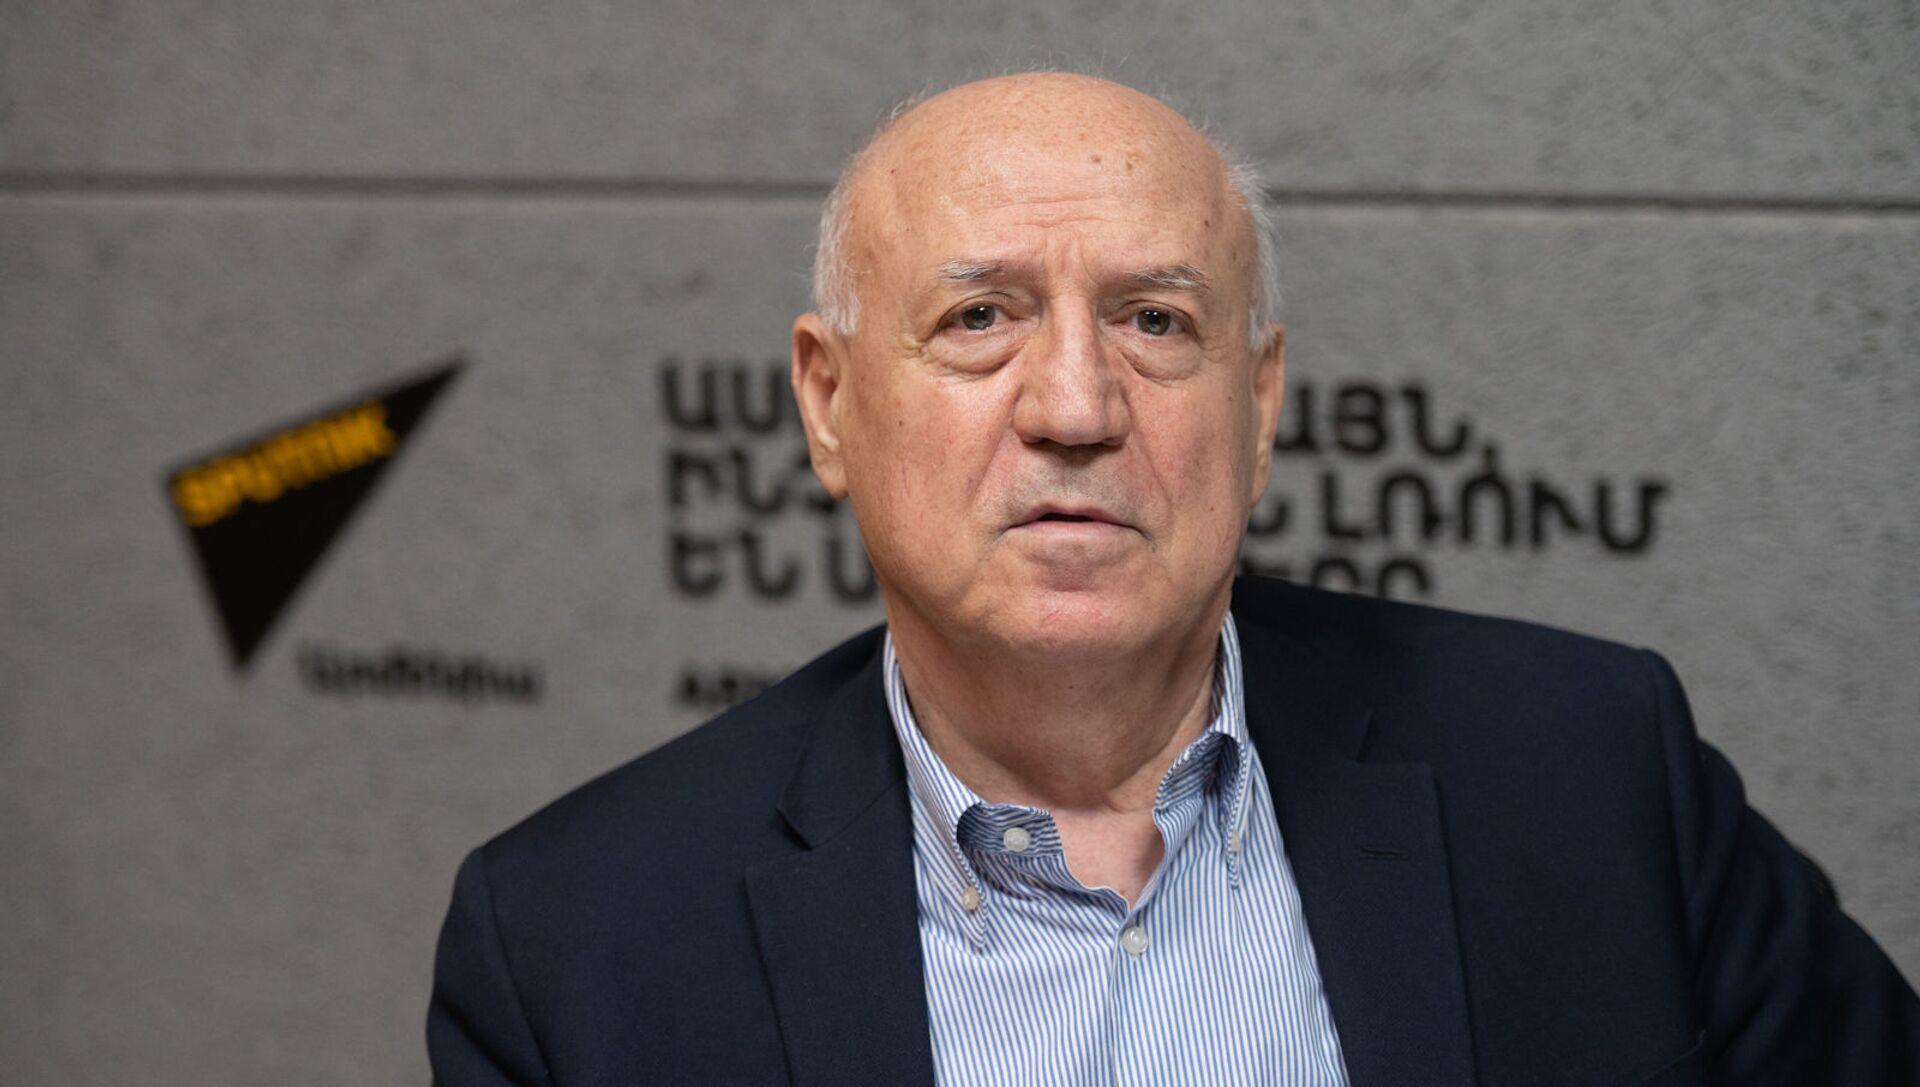 Лидер партии «Национальное Единение» Арташес Гегамян в гостях радио Sputnik Армения - Sputnik Армения, 1920, 07.06.2021